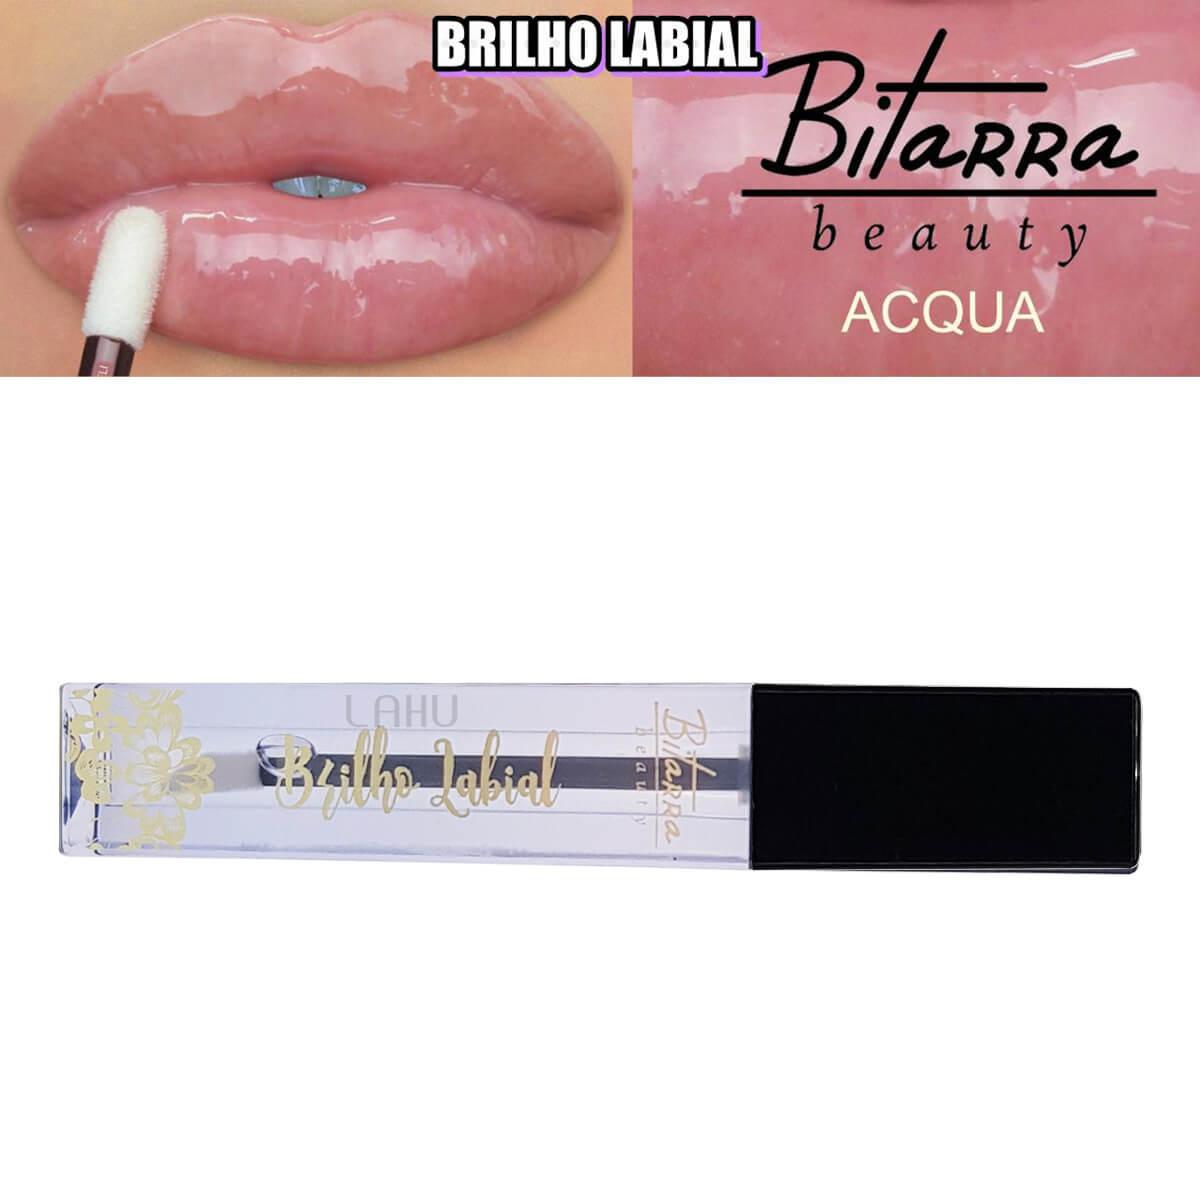 Brilho Labial Acqua Bitarra